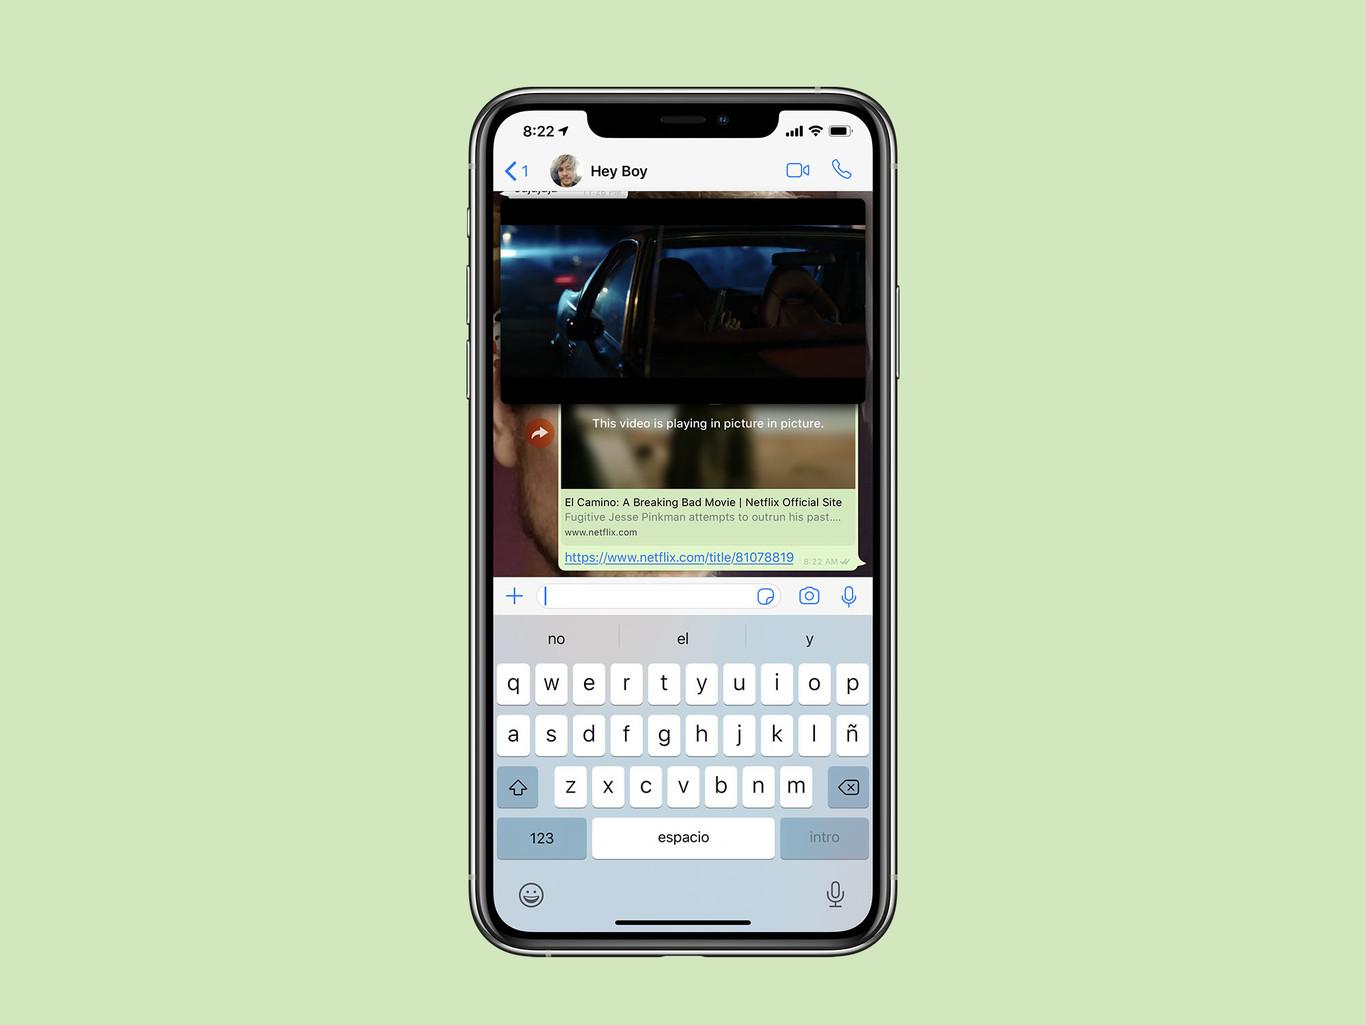 La última versión de WhatsApp para iPhone permite ver trailers de Netflix directamente en la app